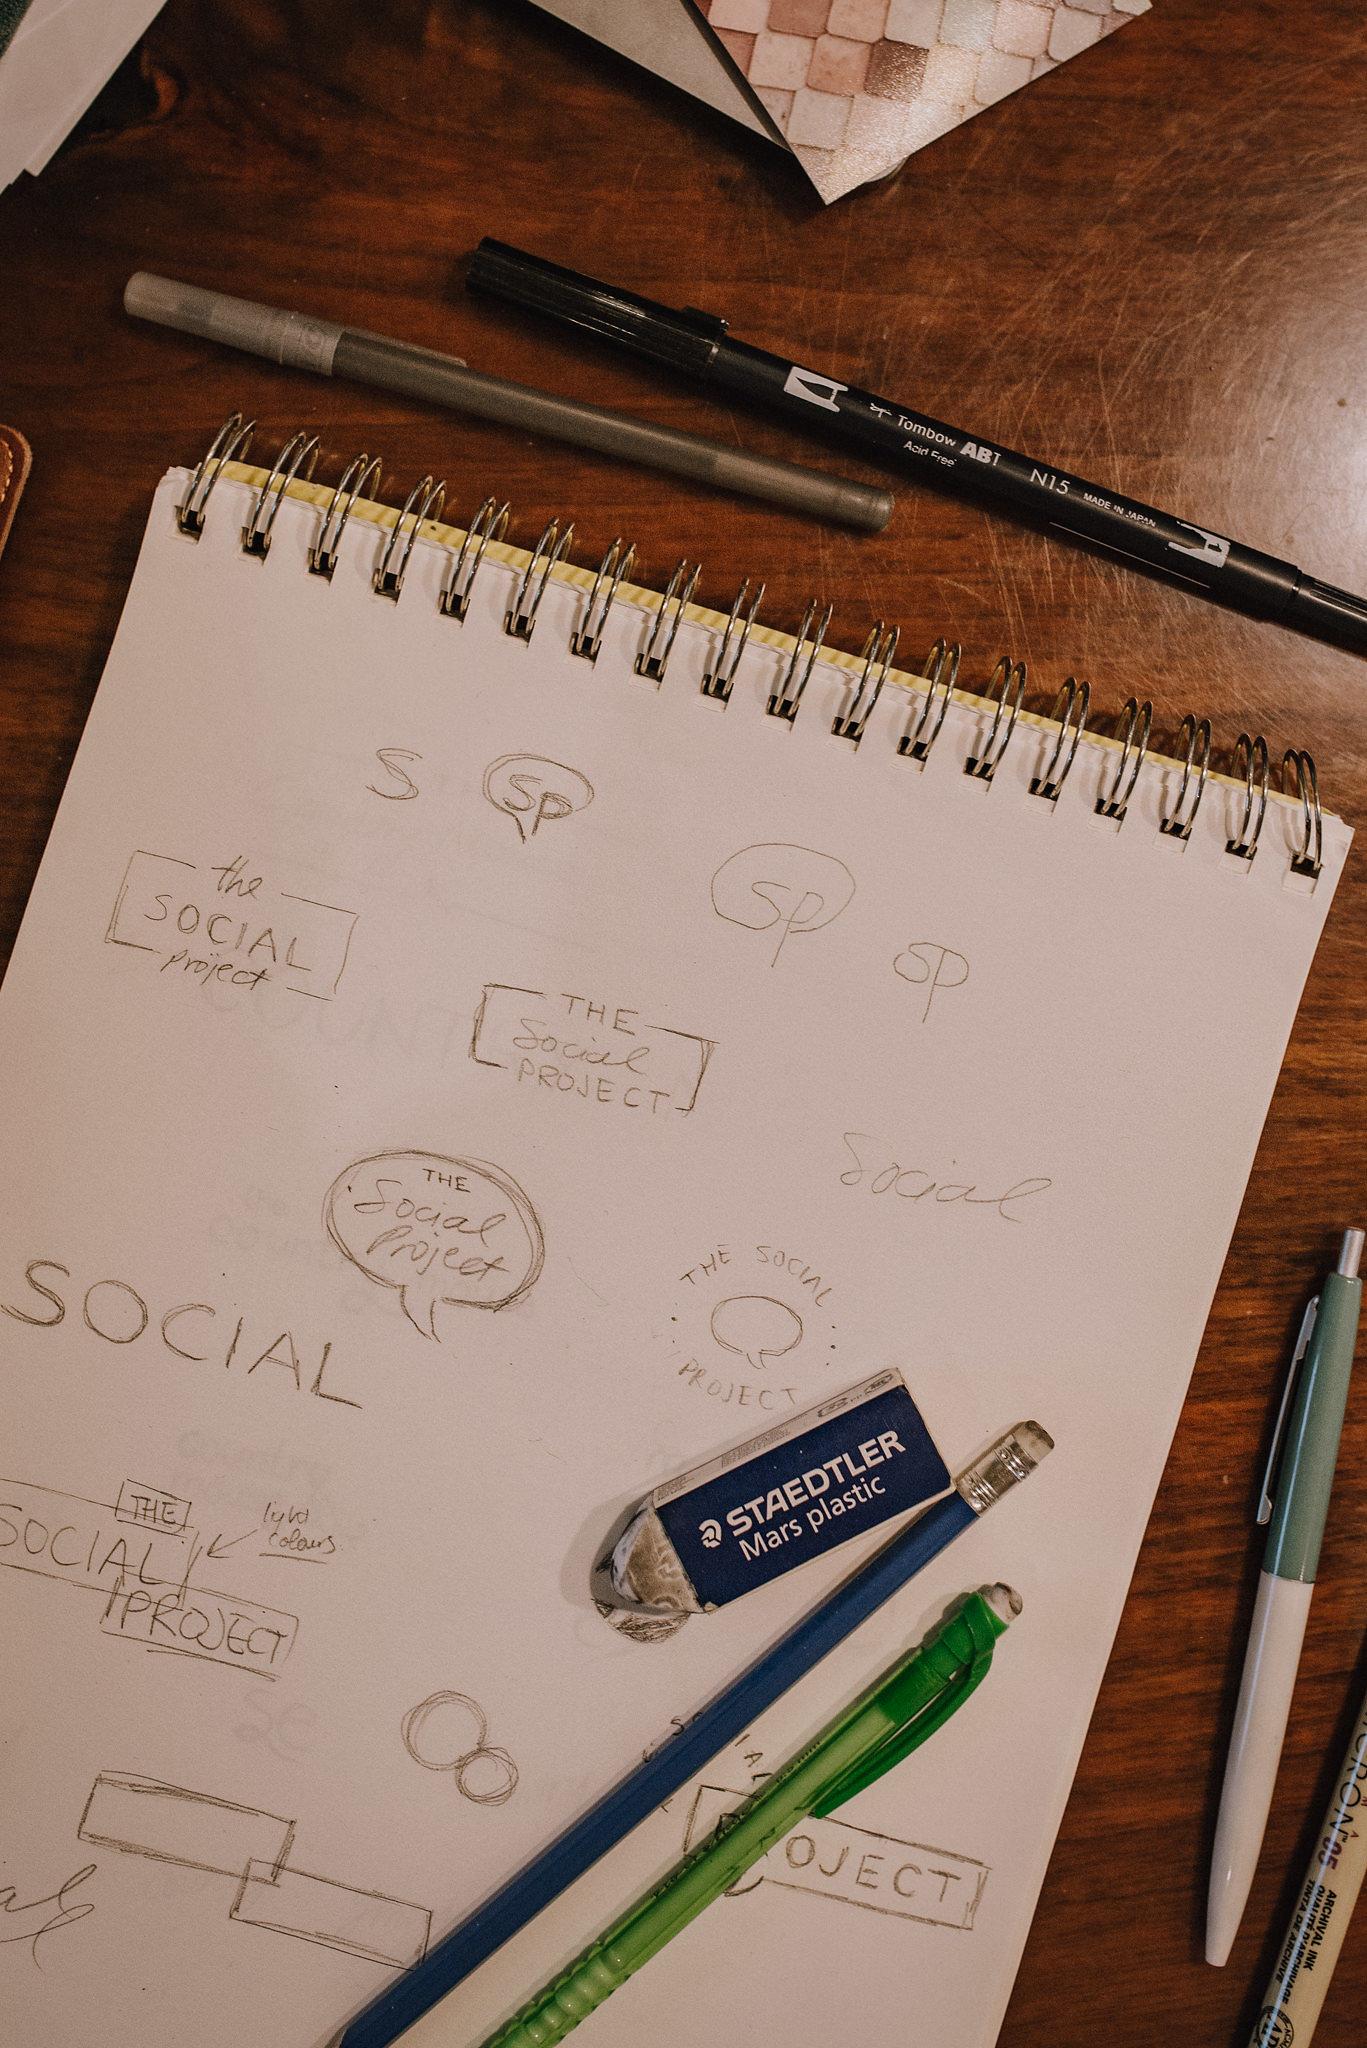 The Social Project, Barrie Social Project, Barrie Social, Branding, Social Media, Creative, Creative Collaboration, Girl Boss, Barrie Boss Babes, Entrepreneurs, Graphic Design, Mood Board, Branding Process, goats, baby goats